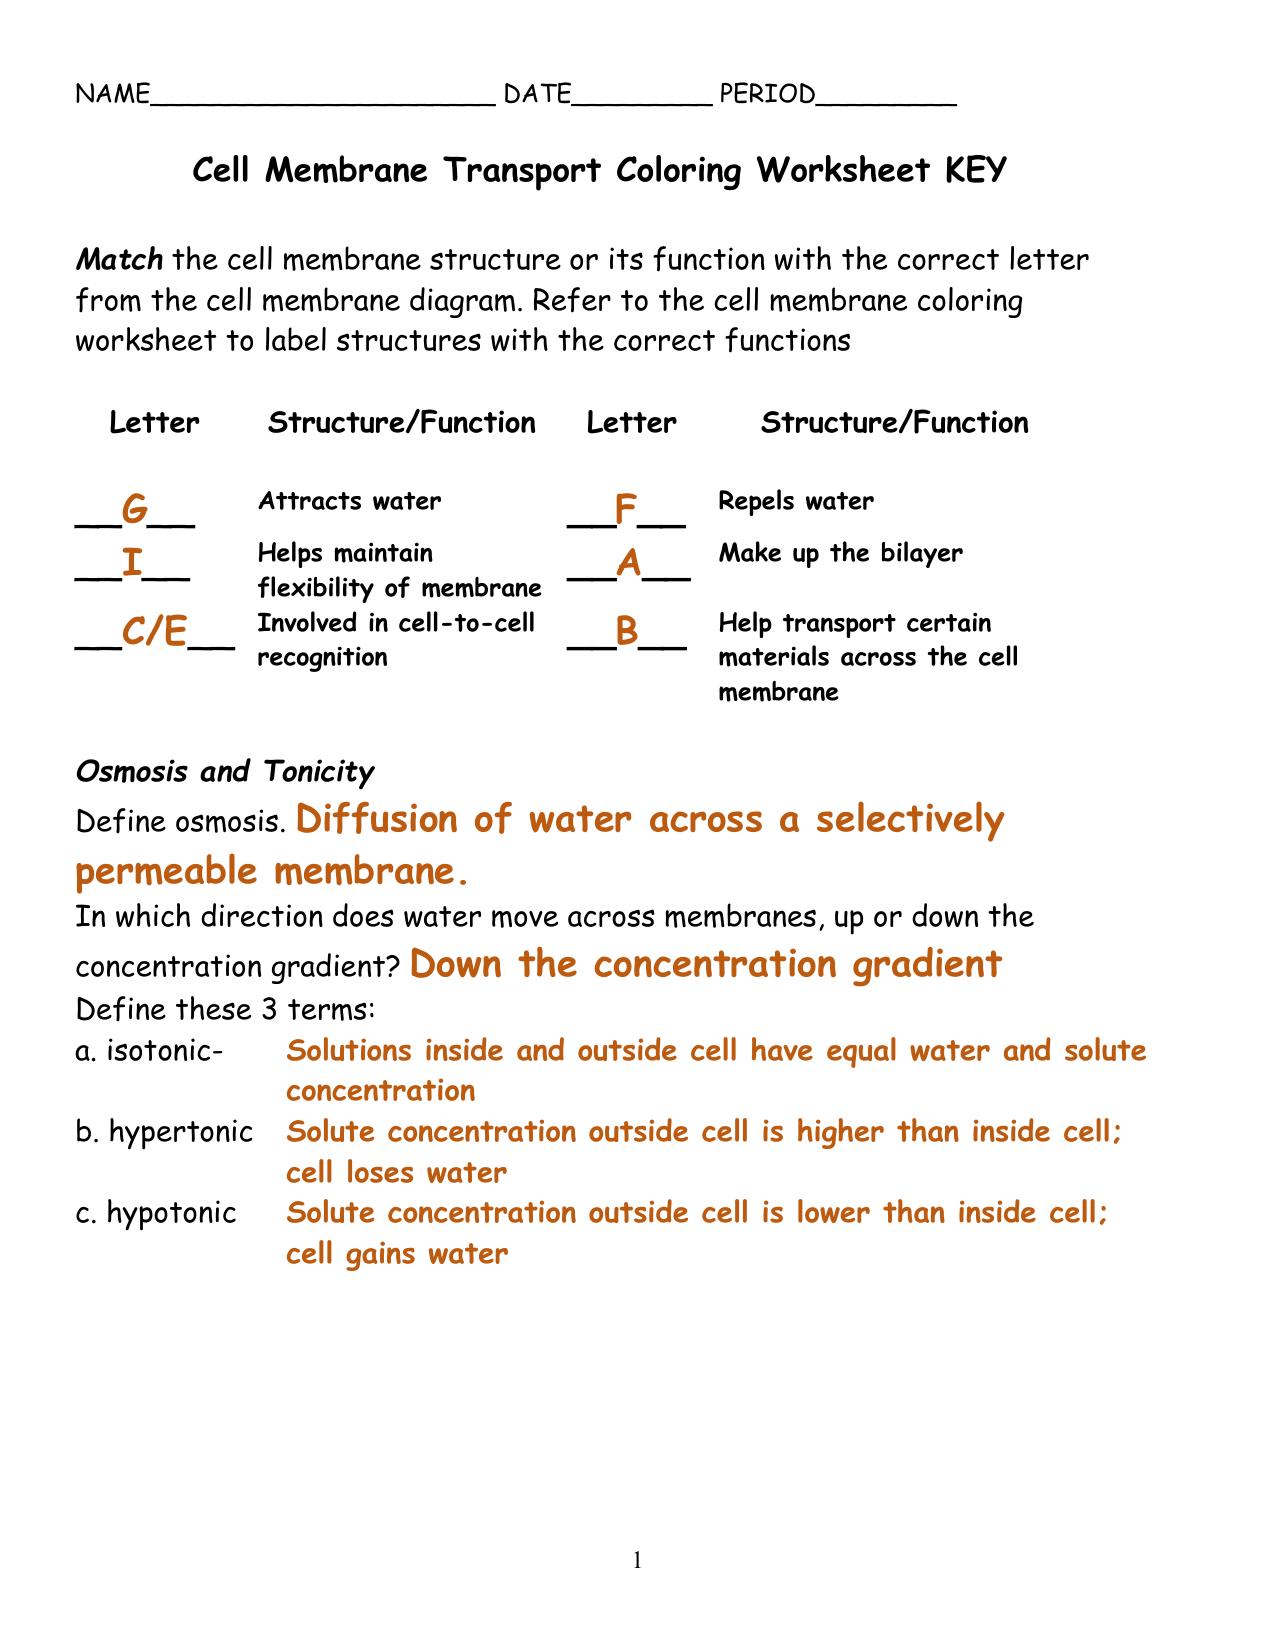 30 Plasma Membrane Coloring Worksheet